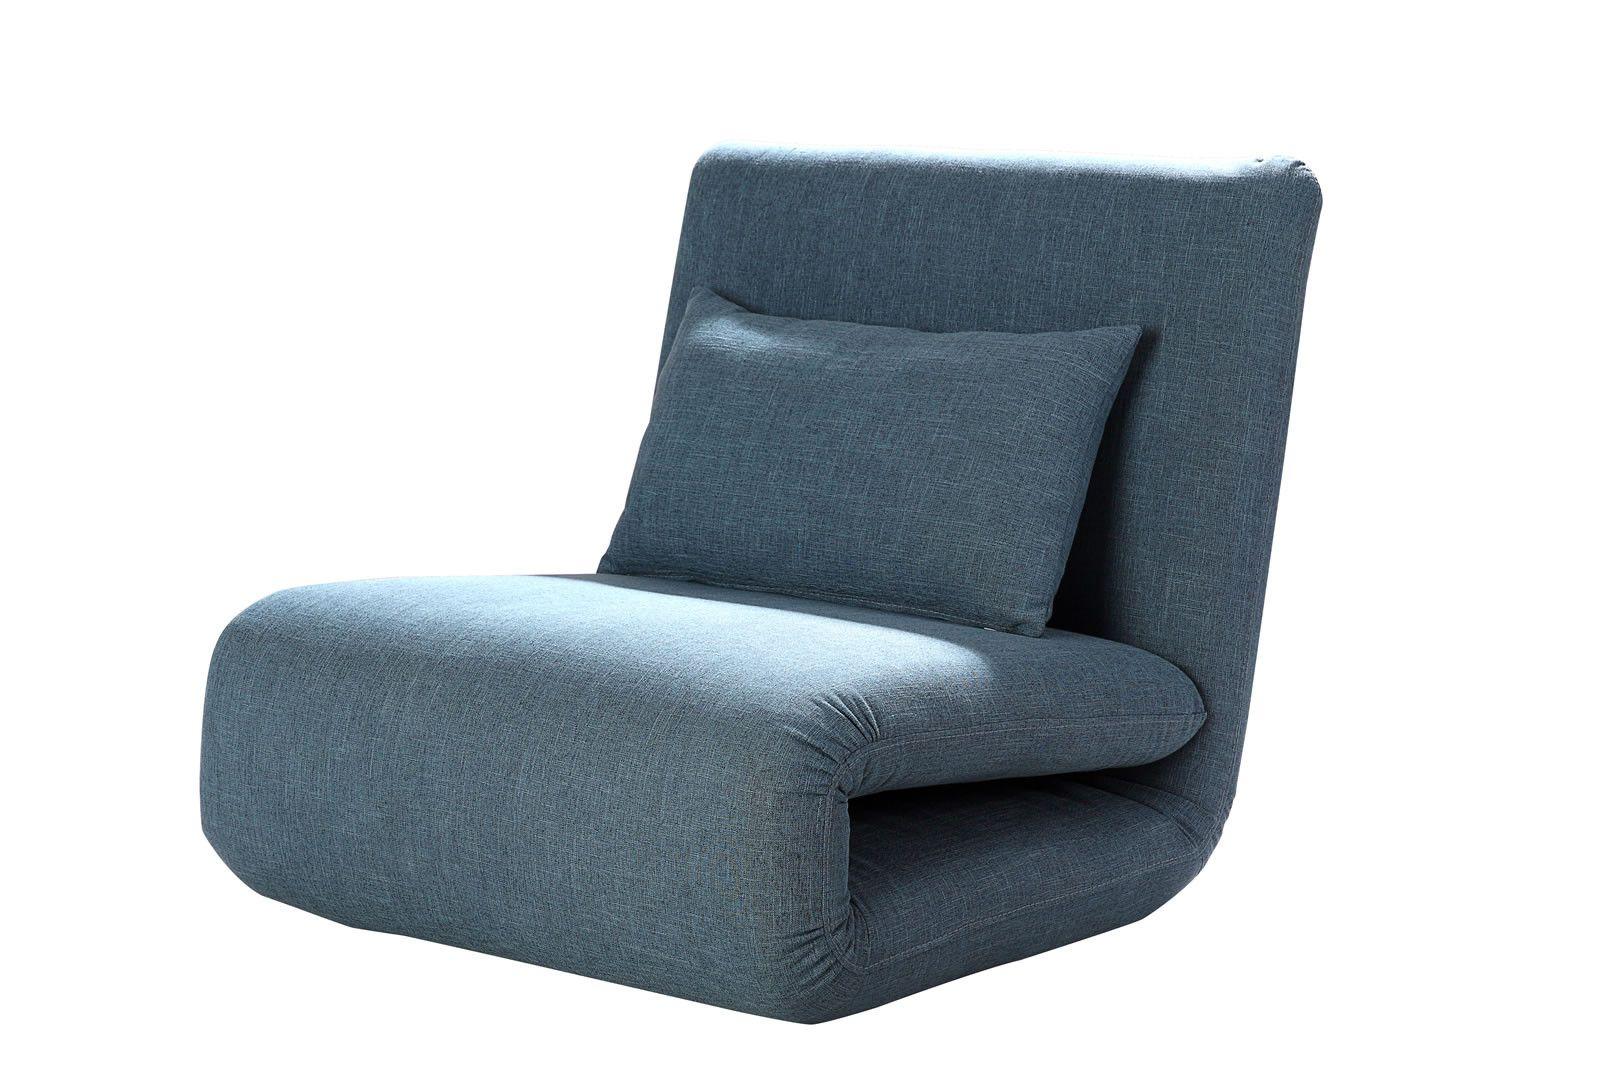 Divan Lits : Lits d appoint divan lit boise bleu trocity